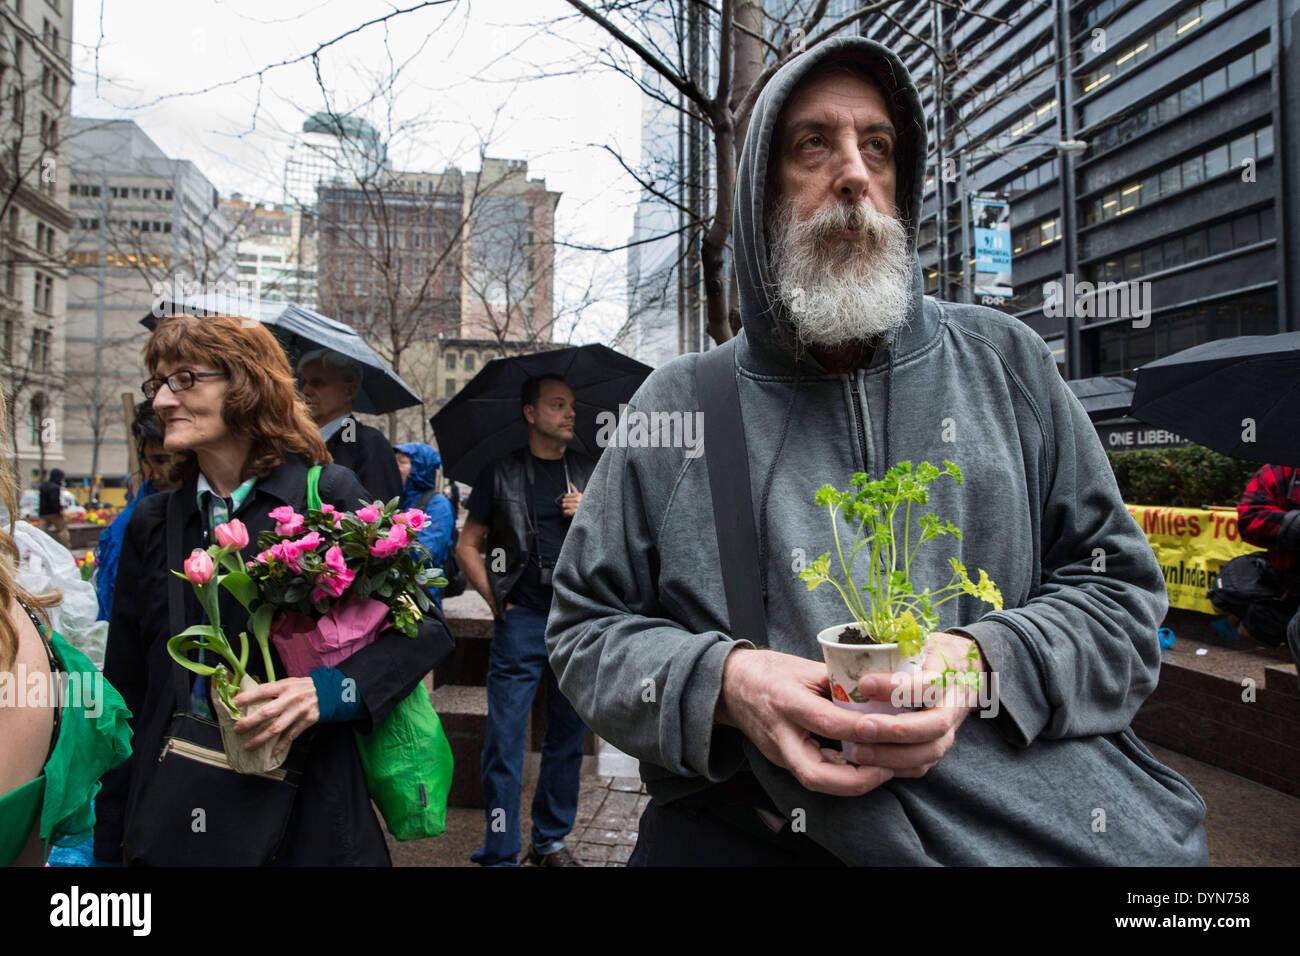 New York, Stati Uniti d'America. Il 22 aprile 2014. Gli attivisti ambientali assistere ad una manifestazione di protesta in Zuccotti Park sulla Giornata della Terra. I manifestanti hanno portato alle piante e cantati ' sistema non modifica il cambiamento climatico, ' tenendo mirano a grandi aziende che non aderiscono alle preoccupazioni per l'ambiente. Questi manifestanti hanno anche espresso che capatilisim sfruttamento della natura è il rovescio della medaglia per lo sfruttamento del lavoro umano. Credito: Scott Houston/Alamy Live News Immagini Stock